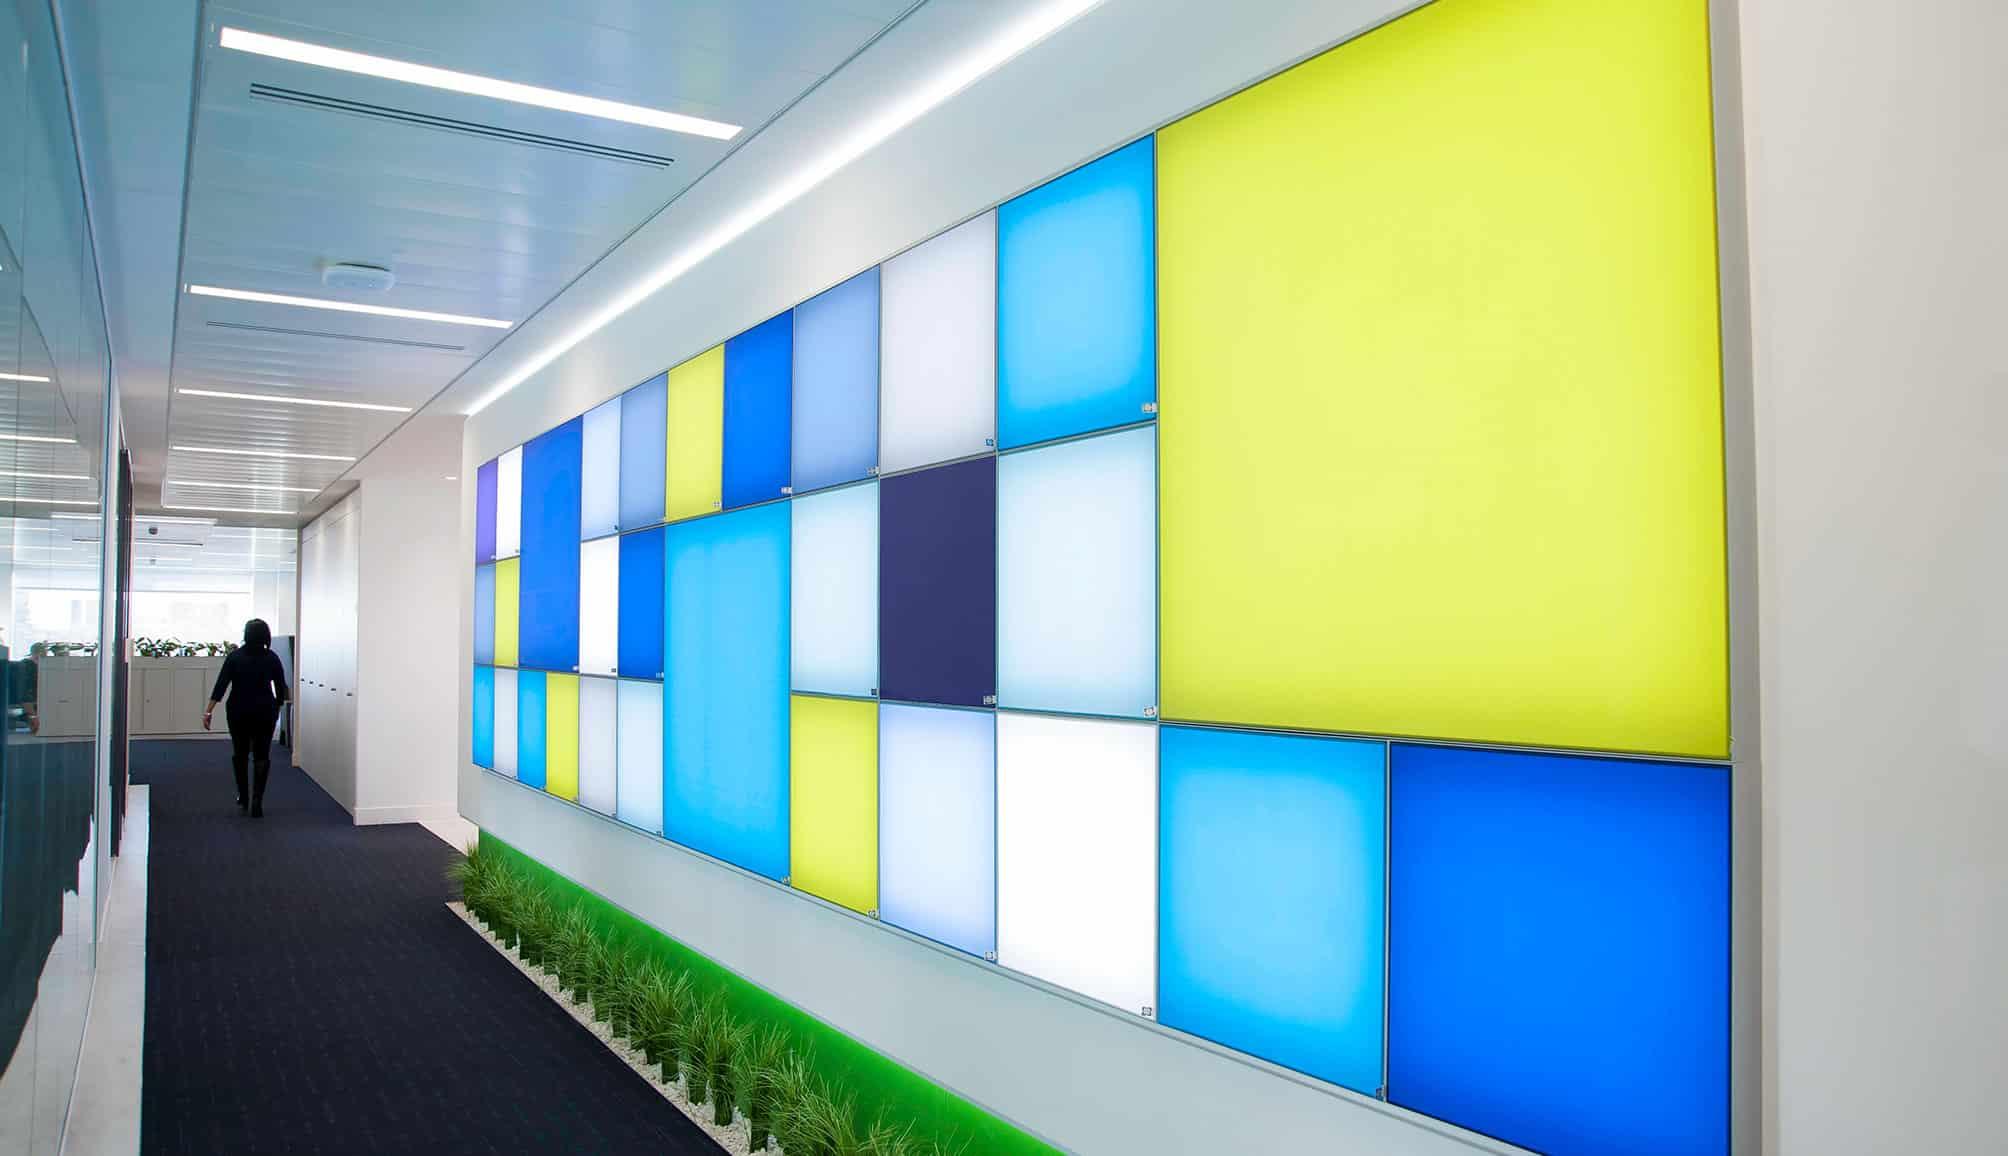 lighting design for office